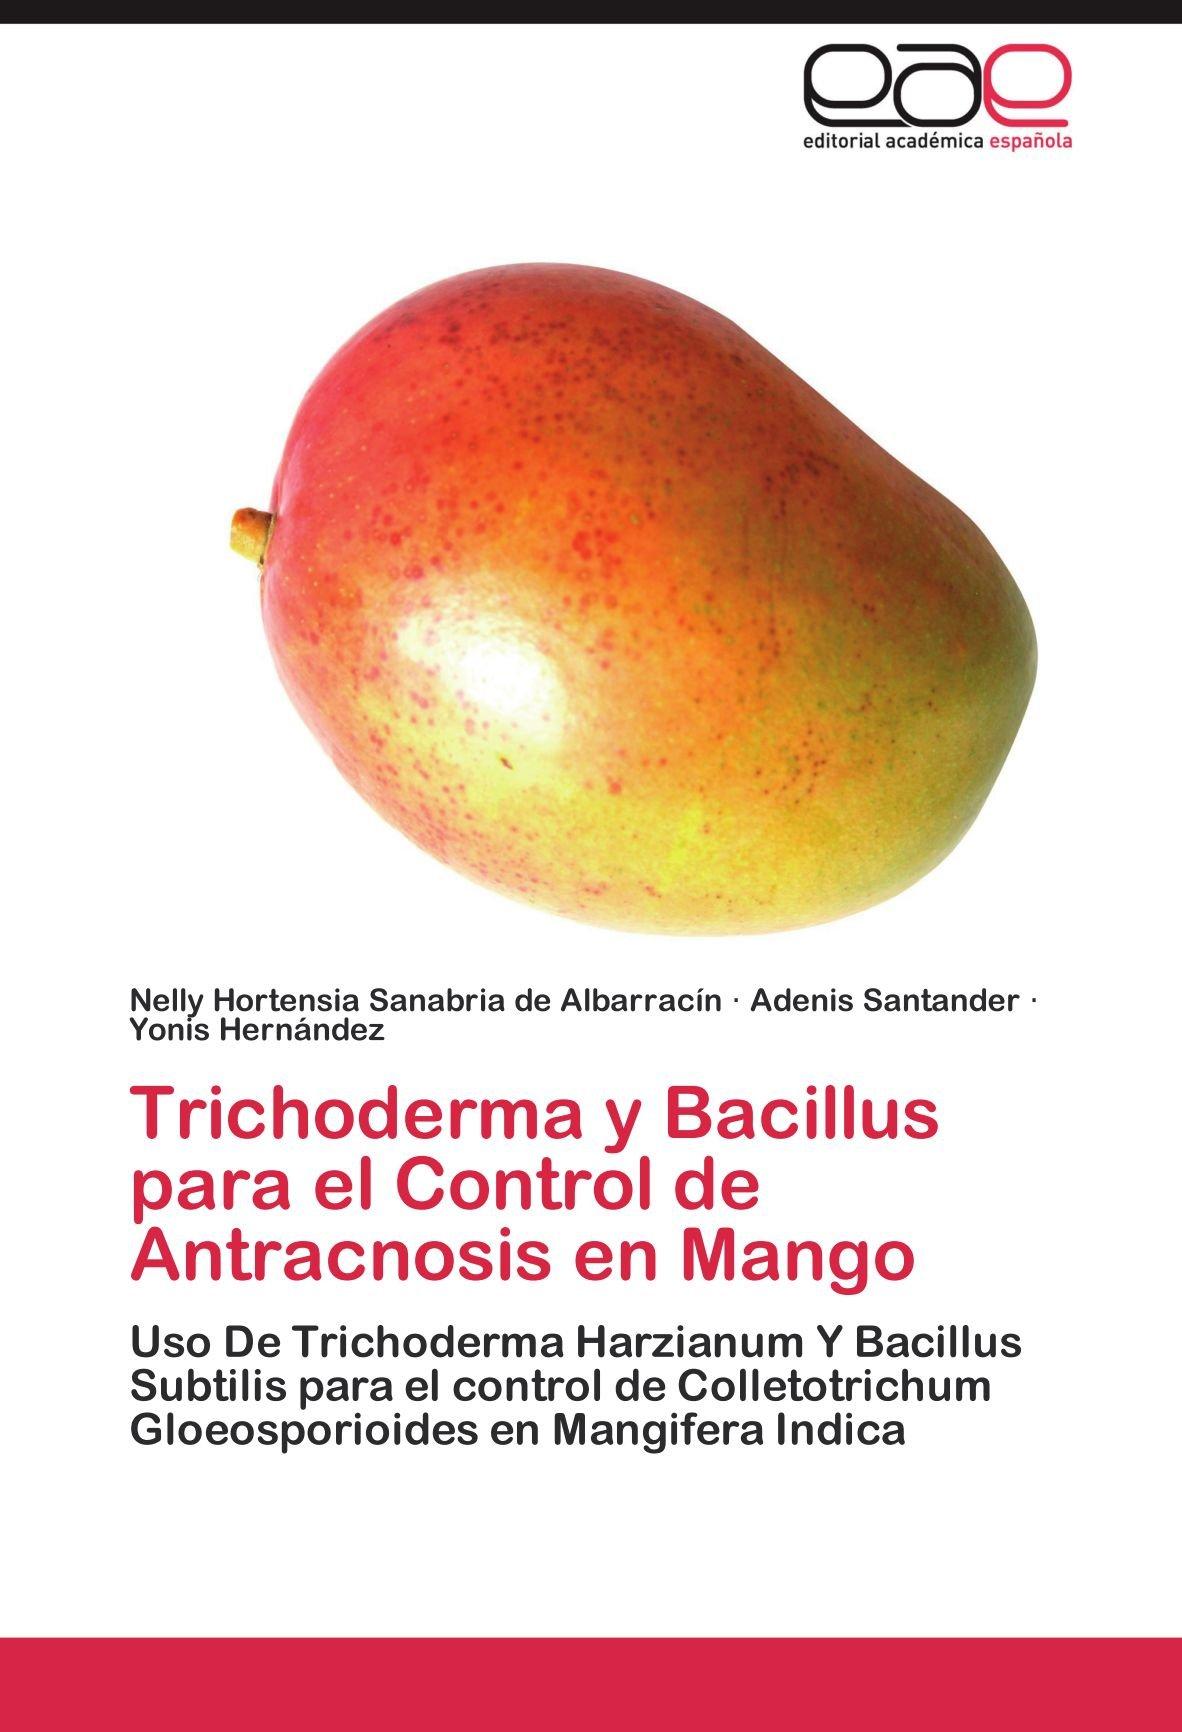 Download Trichoderma y Bacillus para el Control de Antracnosis en Mango: Uso De Trichoderma Harzianum Y Bacillus Subtilis  para el control de Colletotrichum ... en Mangifera Indica (Spanish Edition) pdf epub